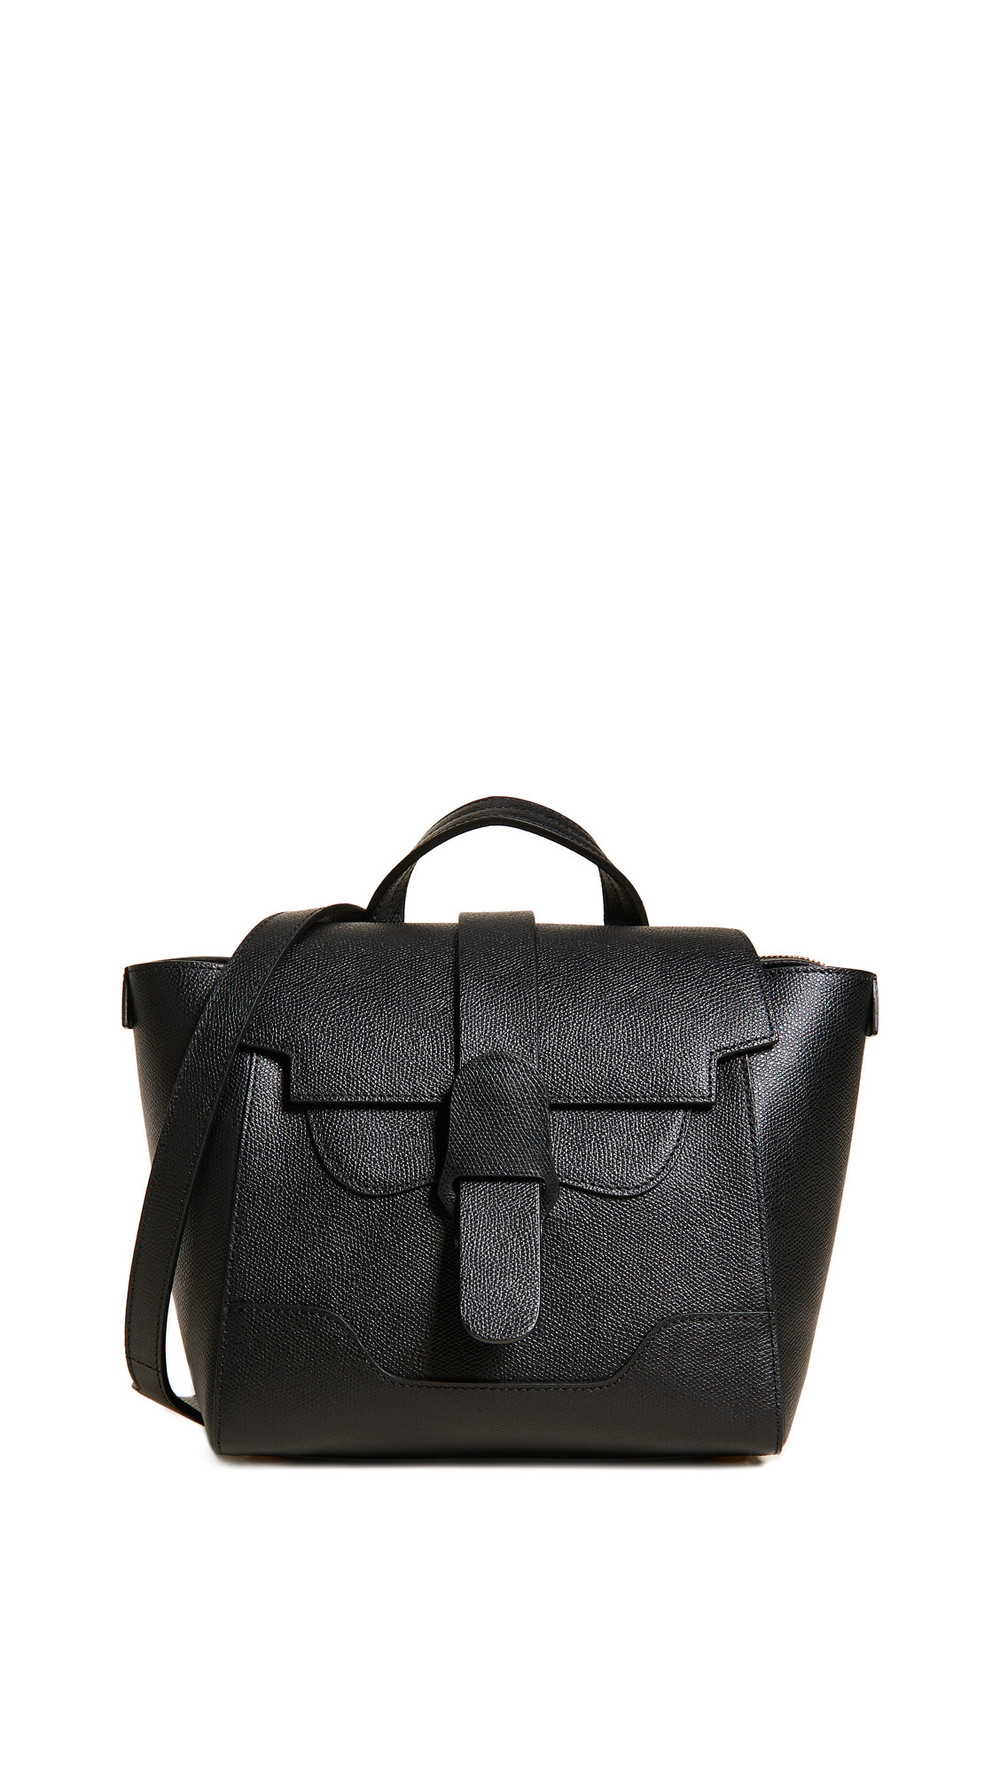 Senreve The Mini Maestra Bag in noir